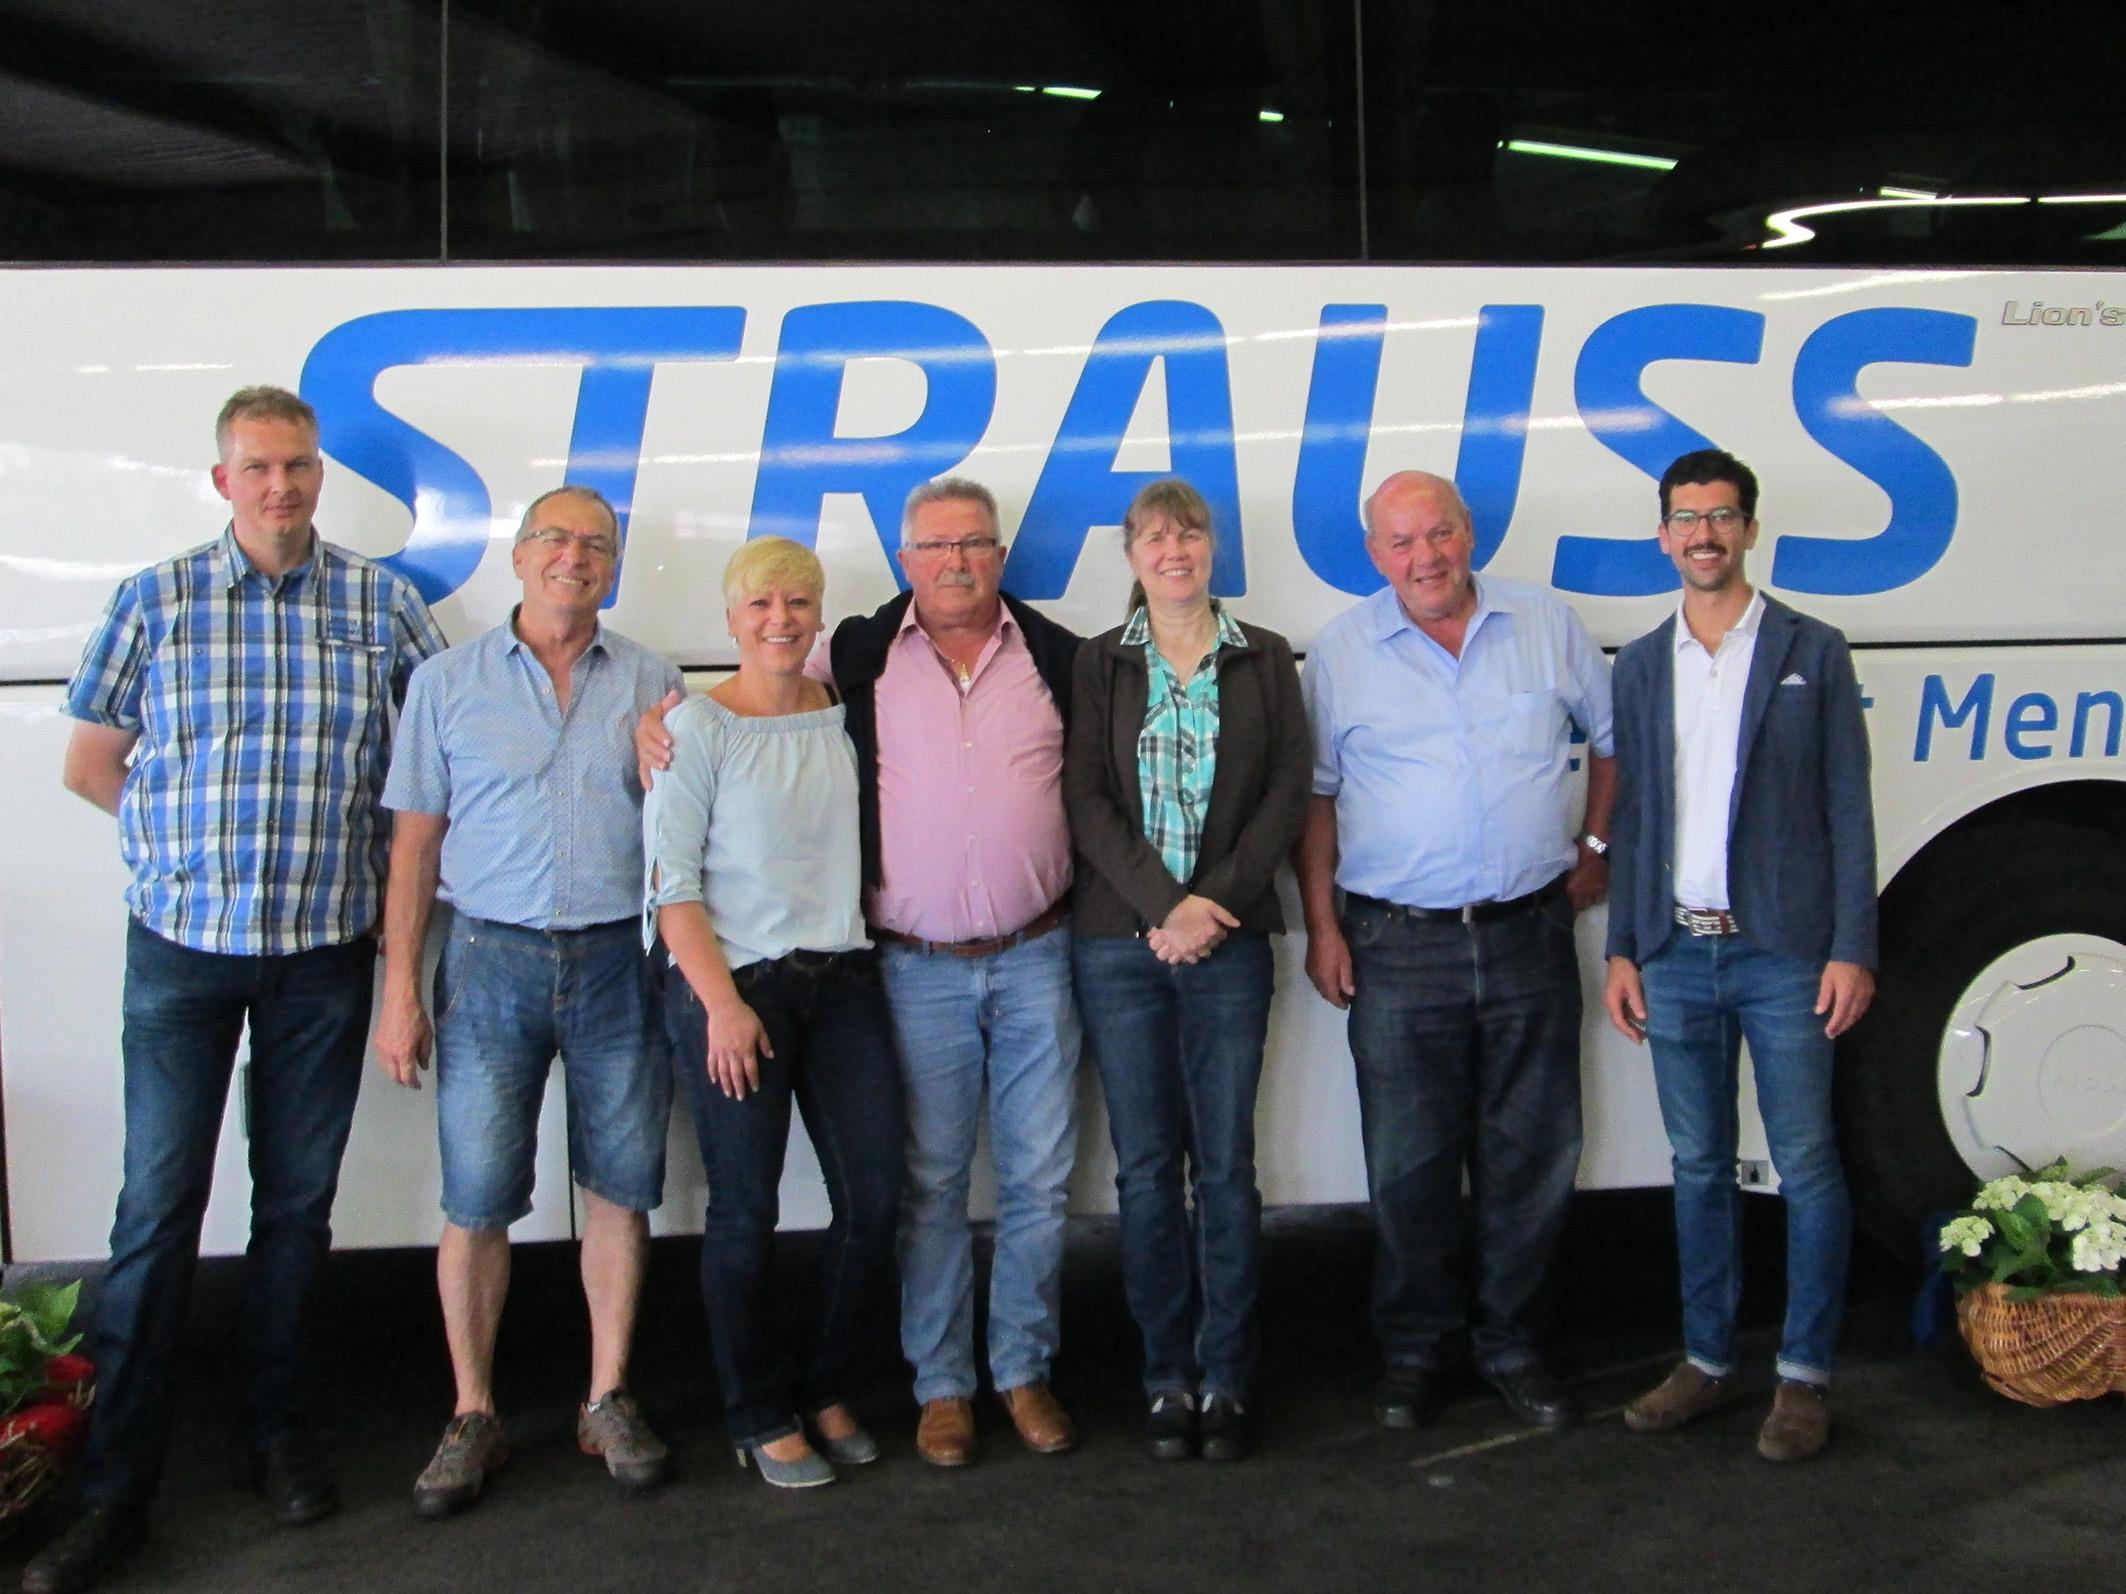 Strauss Reisen ehrt langjährige Mitarbeiter